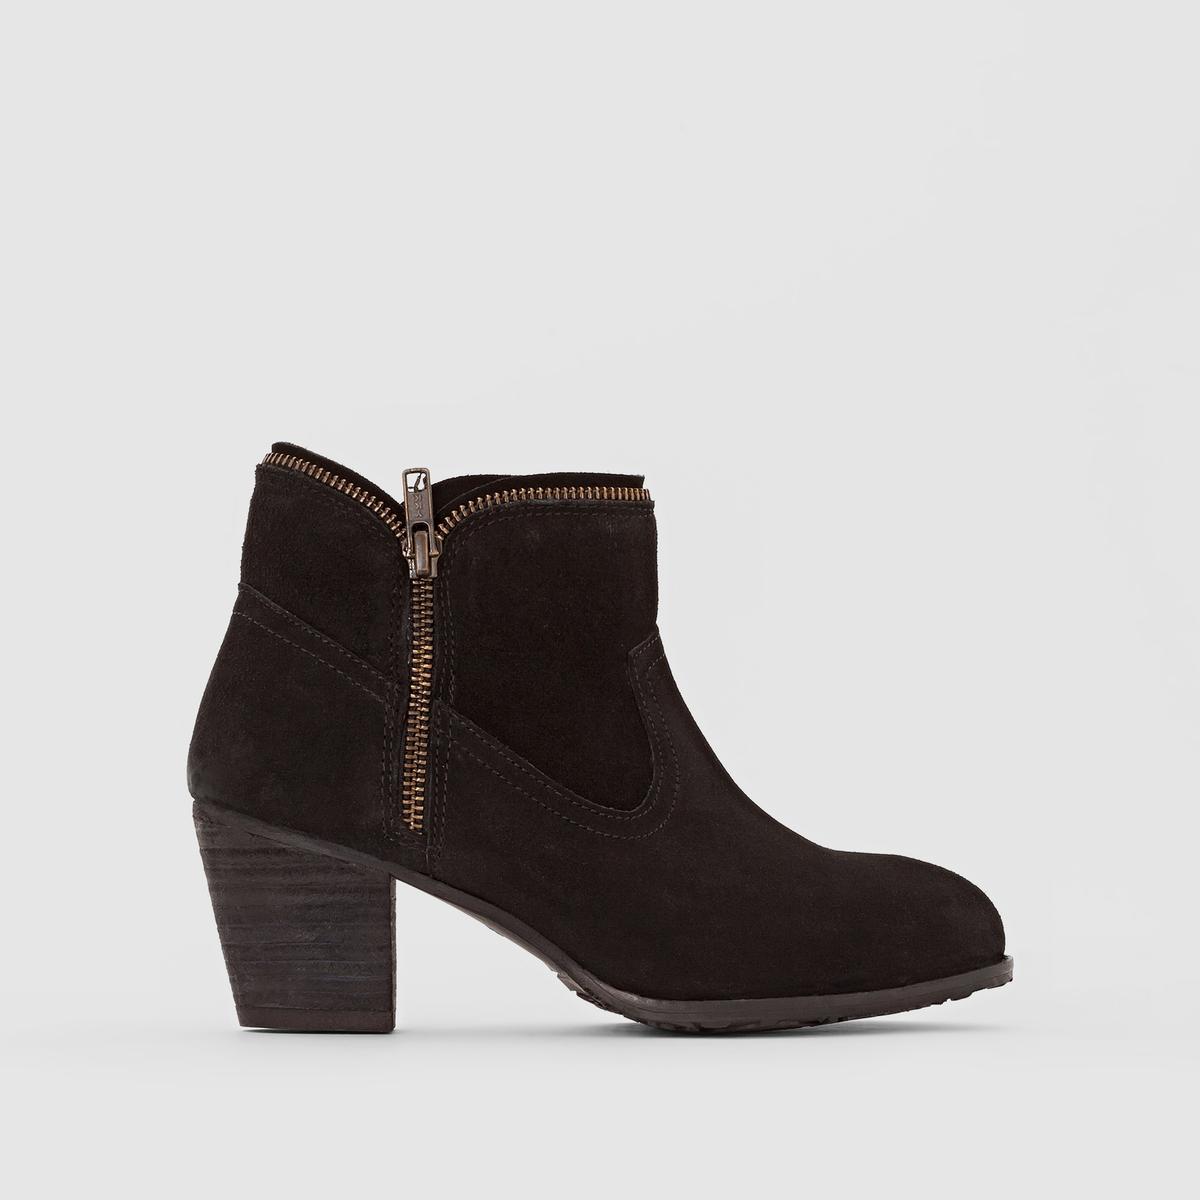 Ботильоны замшевые на каблуке KentПодкладка : ТекстильСтелька: Неотделанная кожаПодошва: КаучукВысота каблука: 10 смВысота каблука: 5 смФорма каблука : ШирокийНосок : ЗакругленныйЗастежка: Застежка на молнию<br><br>Цвет: серо-коричневый,черный<br>Размер: 40